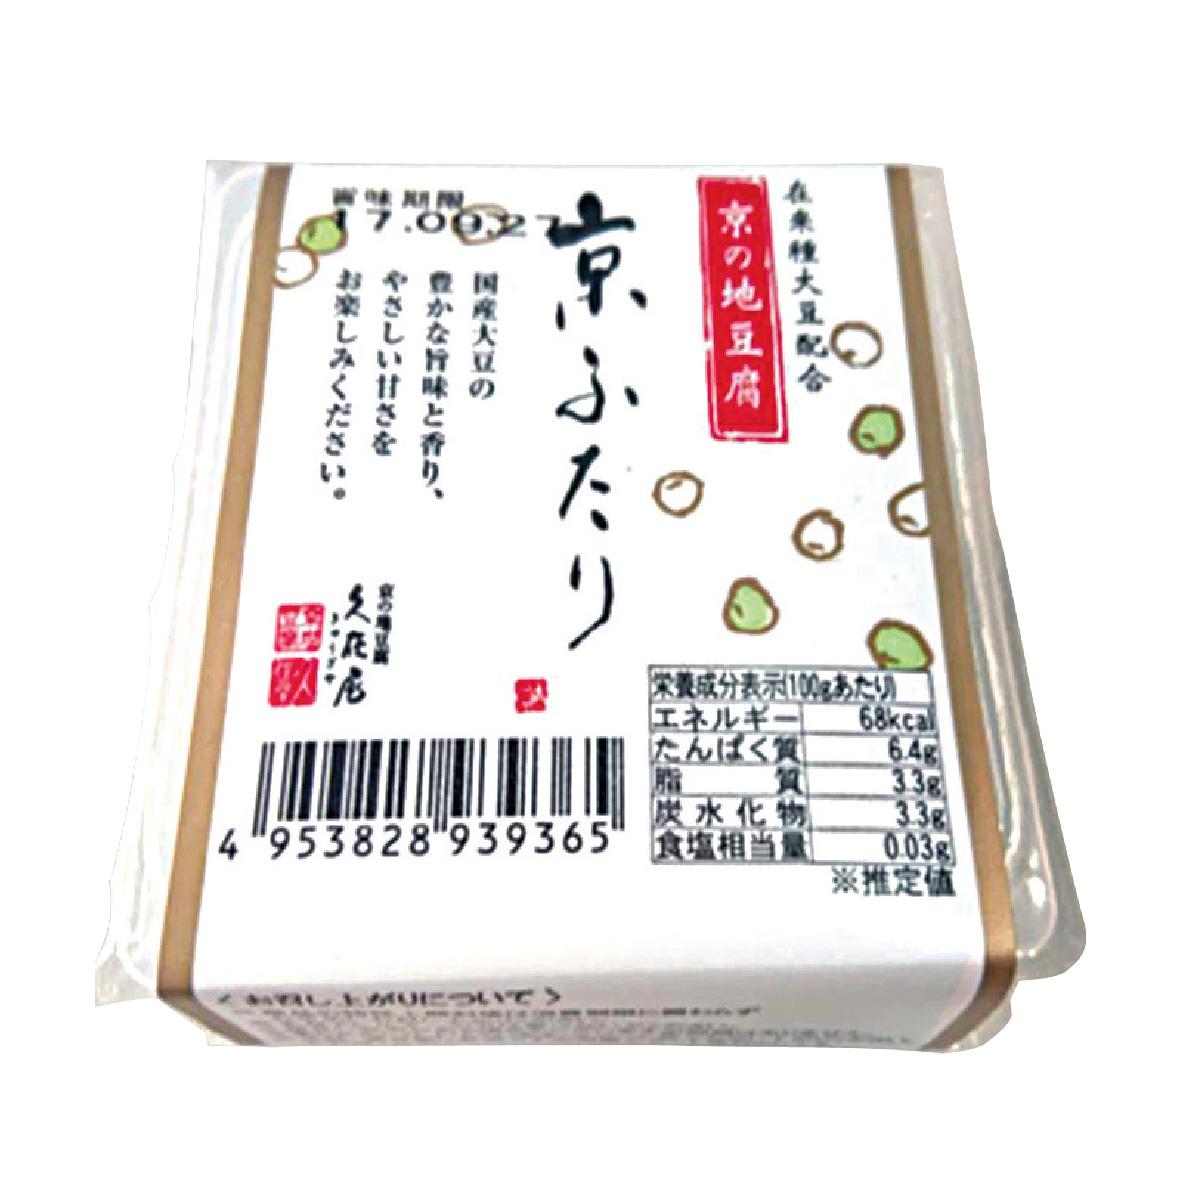 久在屋 充填豆腐 (120g x 2件裝)特價 $39.9